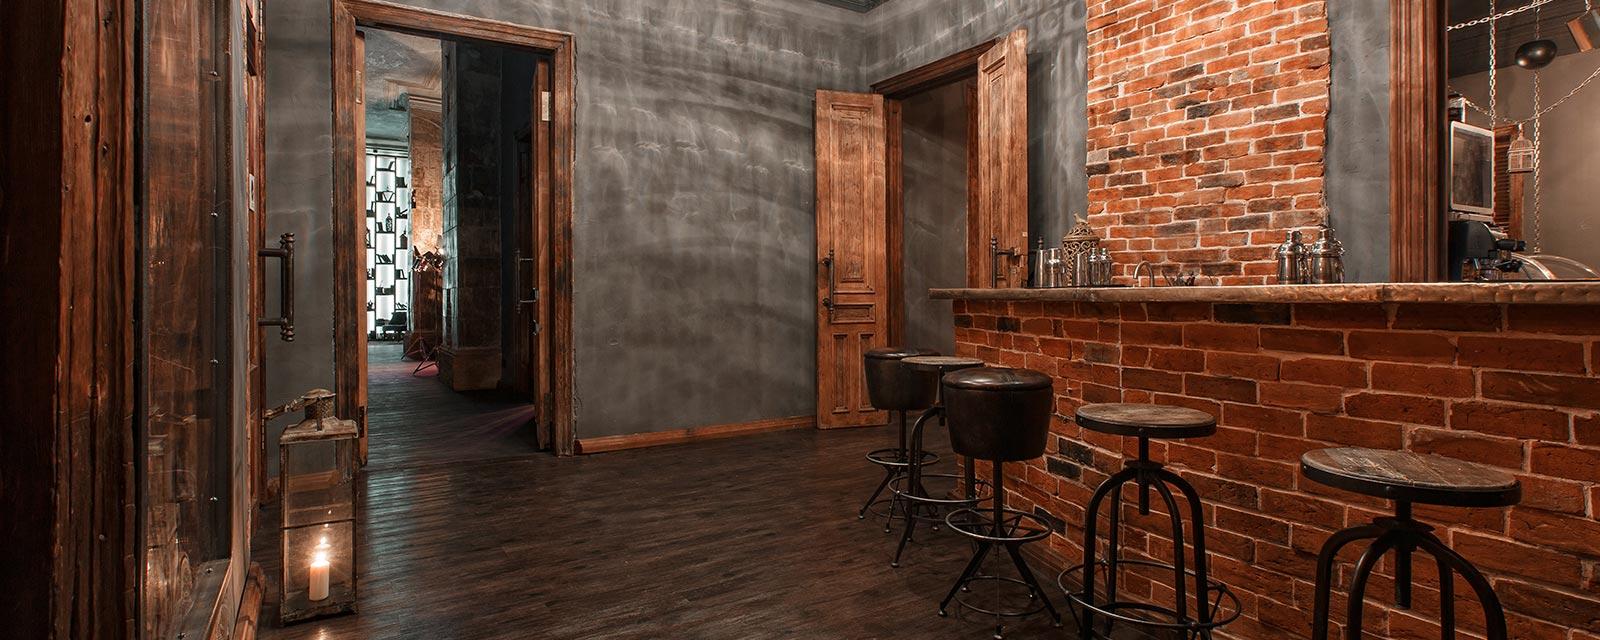 Décoration D Intérieur Peinture Murale mur brut - l'intégrer dans sa décoration | guide artisan